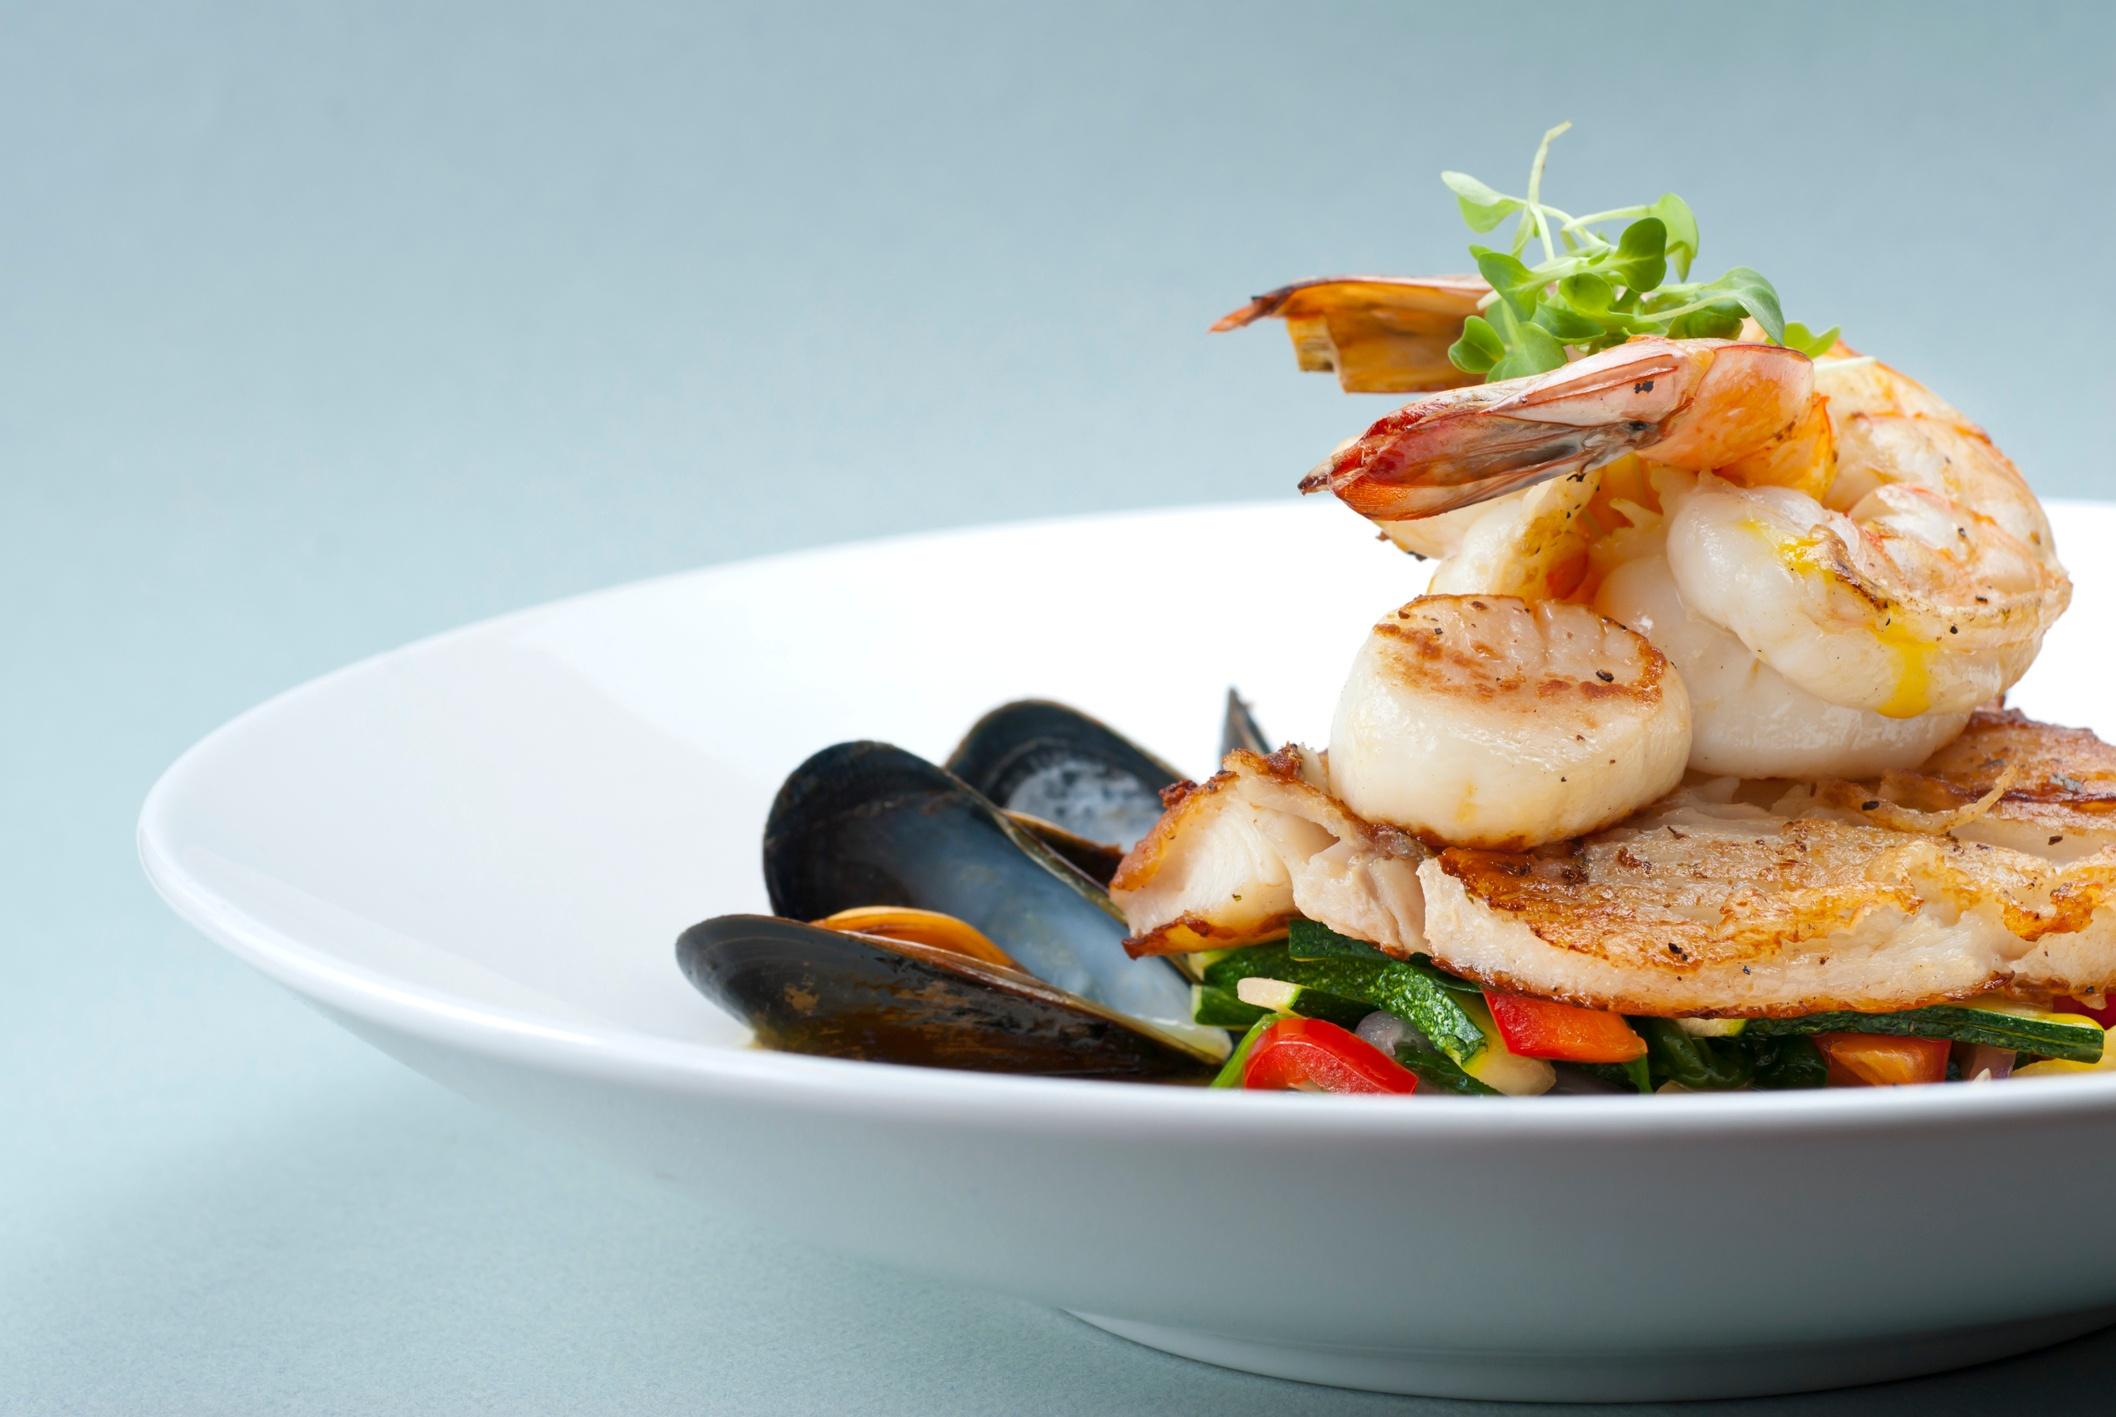 ingerir comida marina.jpg